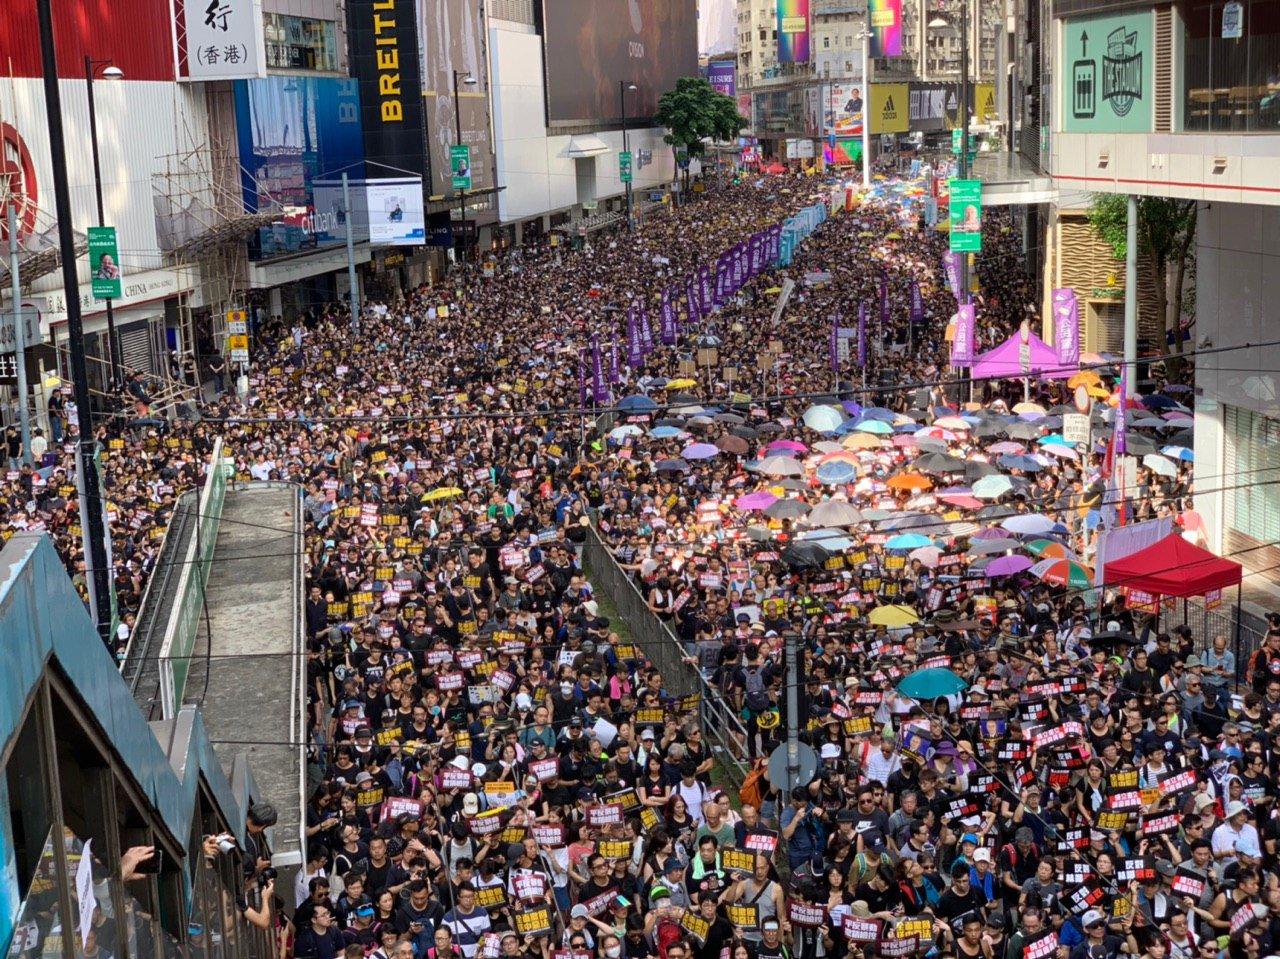 2019年7月21日,香港民眾不畏酷熱的天氣,多次參與大遊行,他們相信唯有堅持發聲才能自救。今次遊行隊伍中老、中、青三代人都有。(李逸/大紀元)